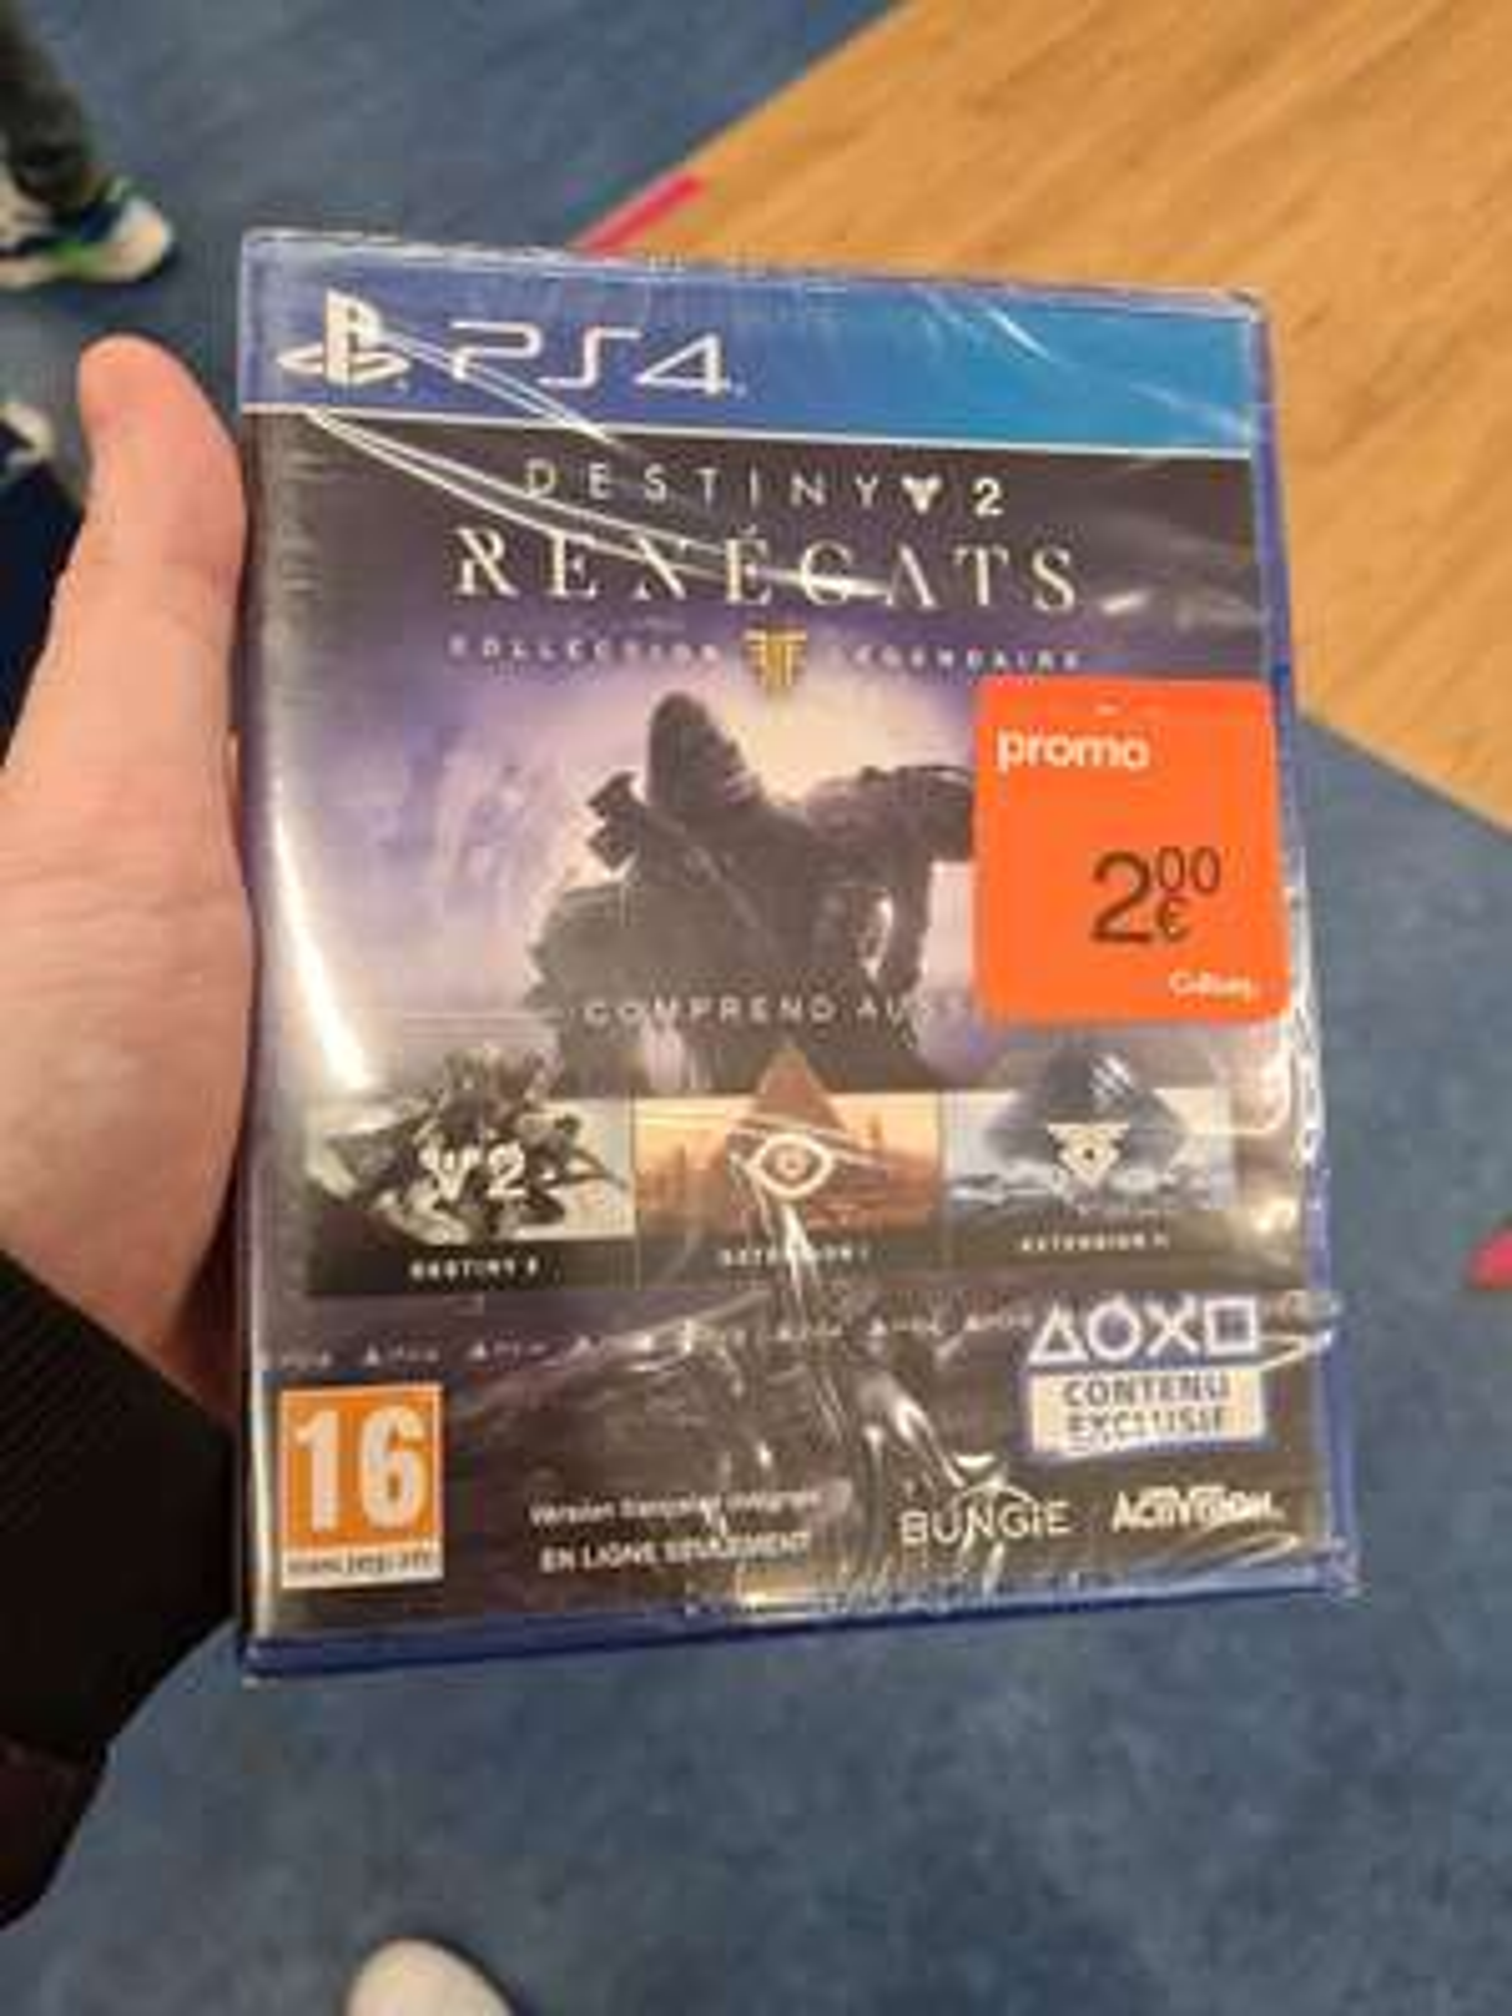 Destiny 2 : Renégats Collection Légendaire sur PS4 - Aubagne (13)